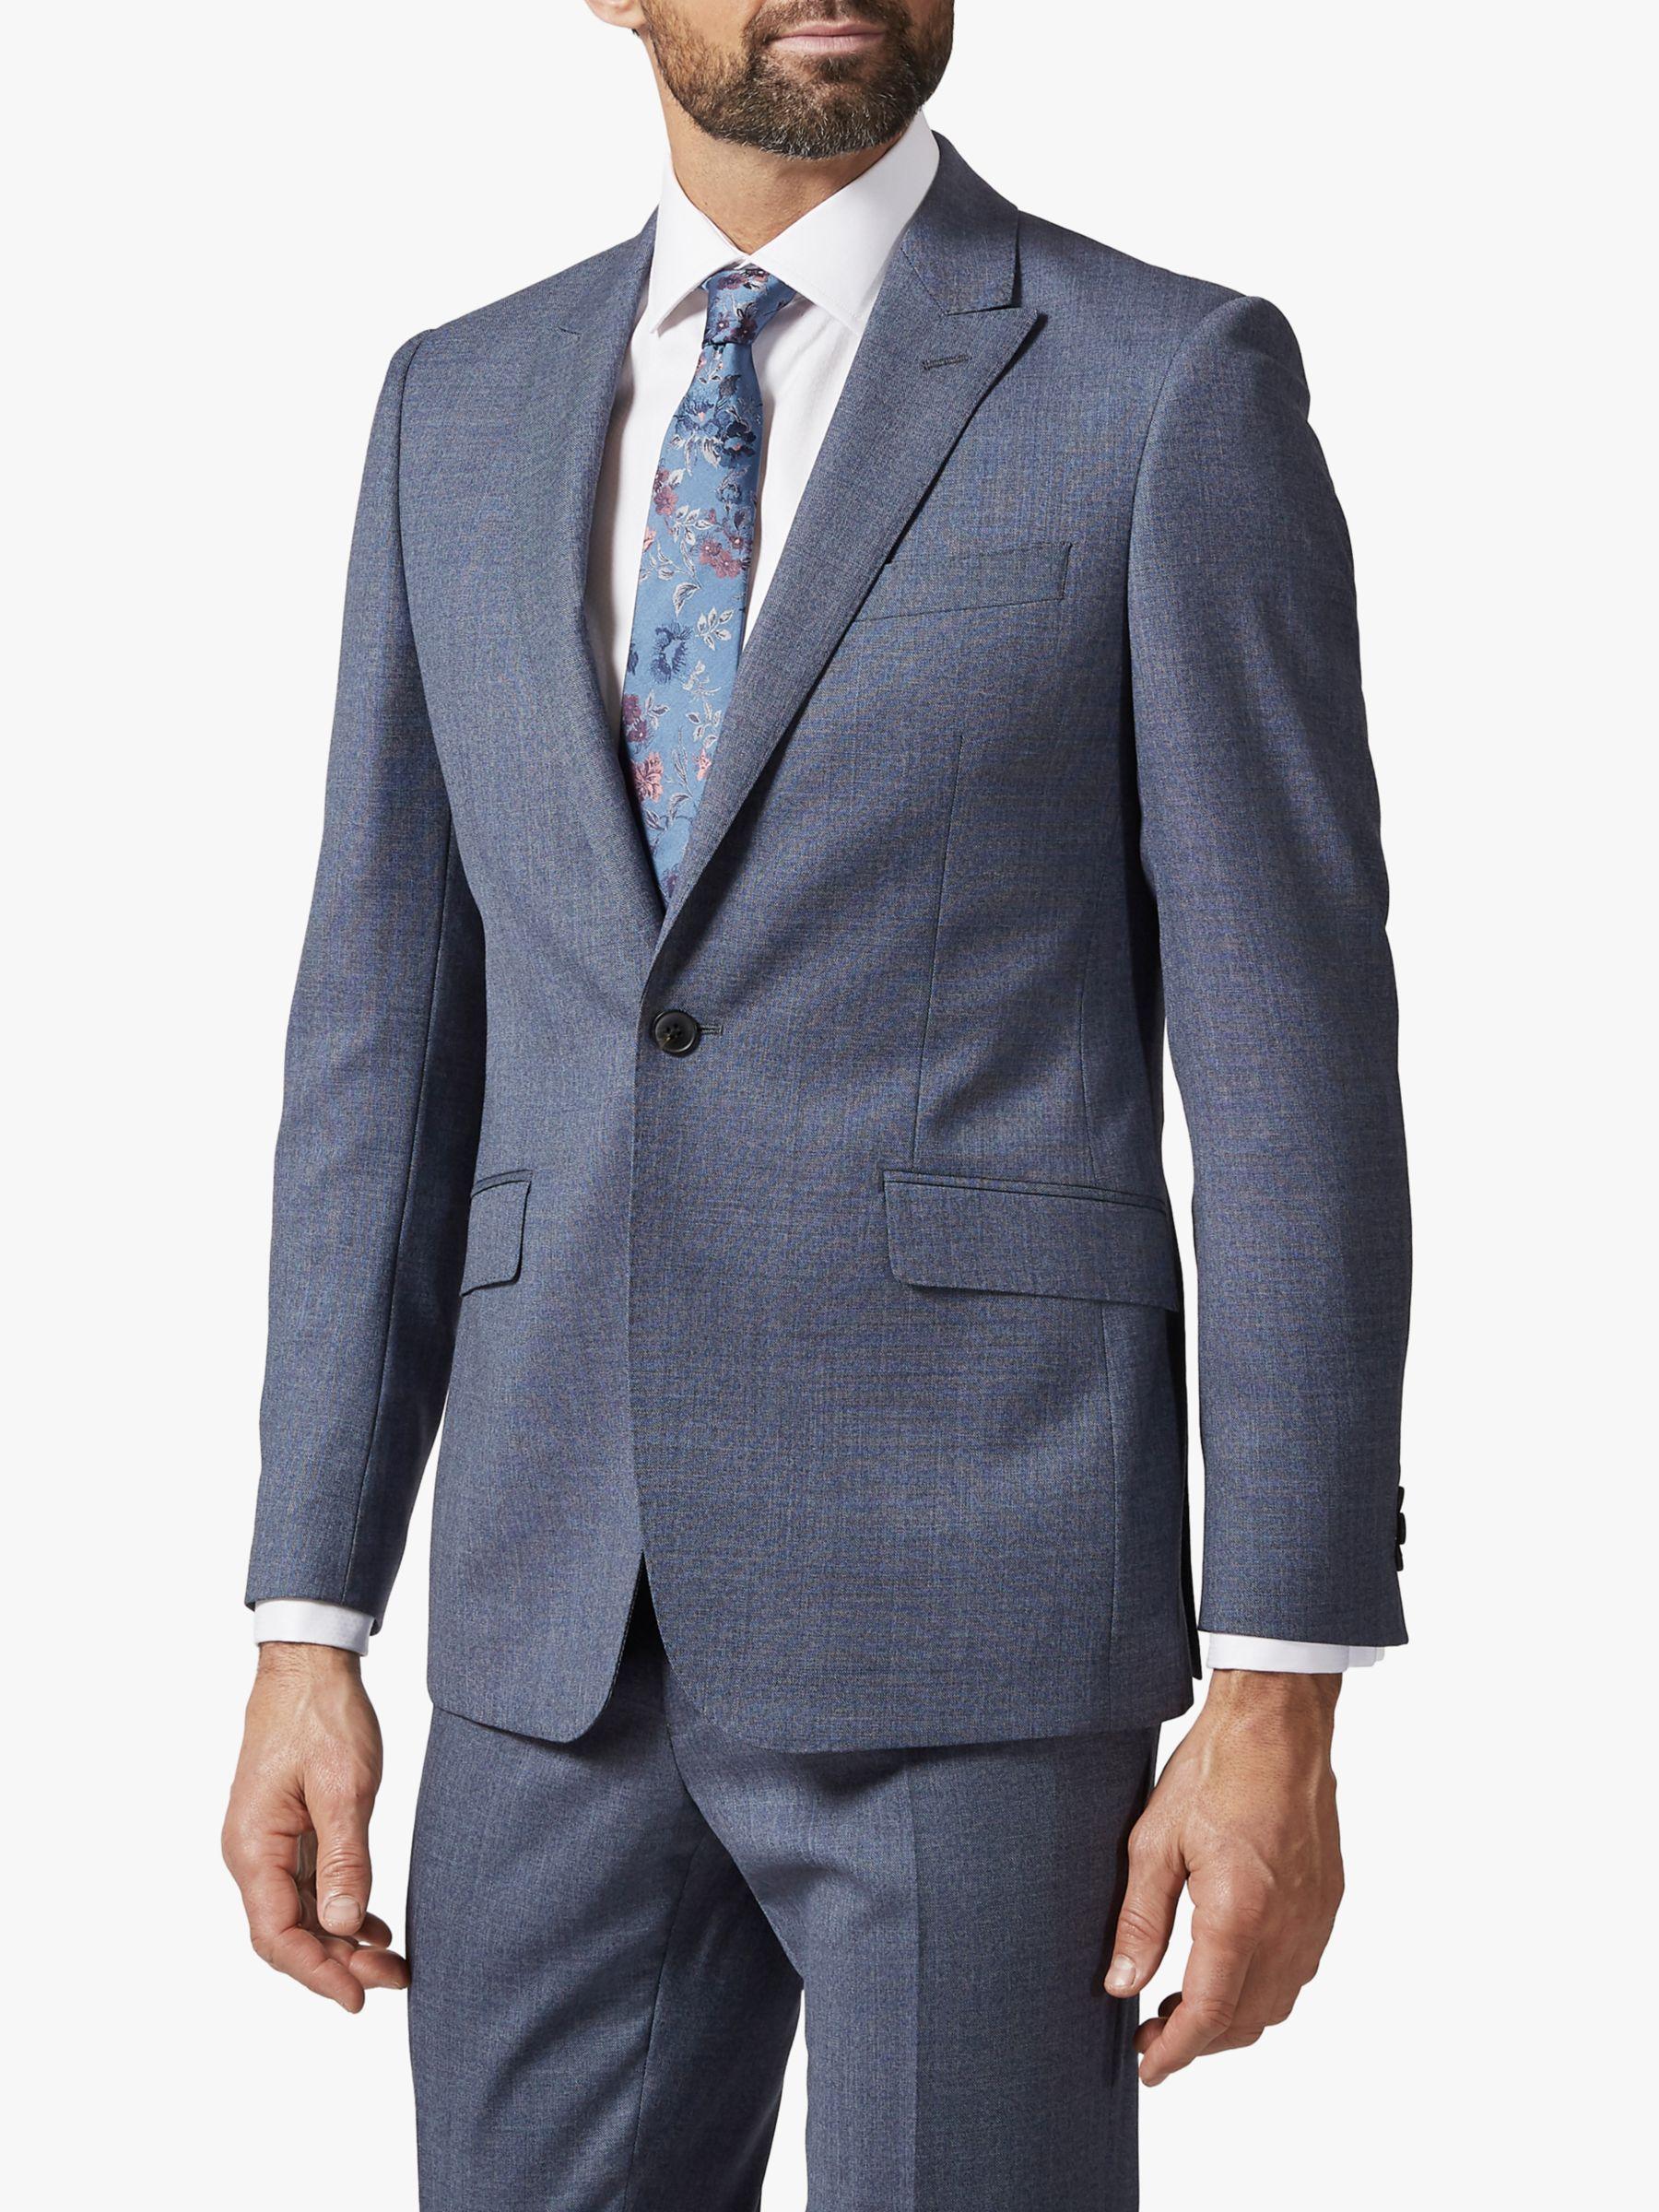 Richard James Mayfair Richard James Mayfair Single Button Melange Wool Suit Jacket, Mid Blue